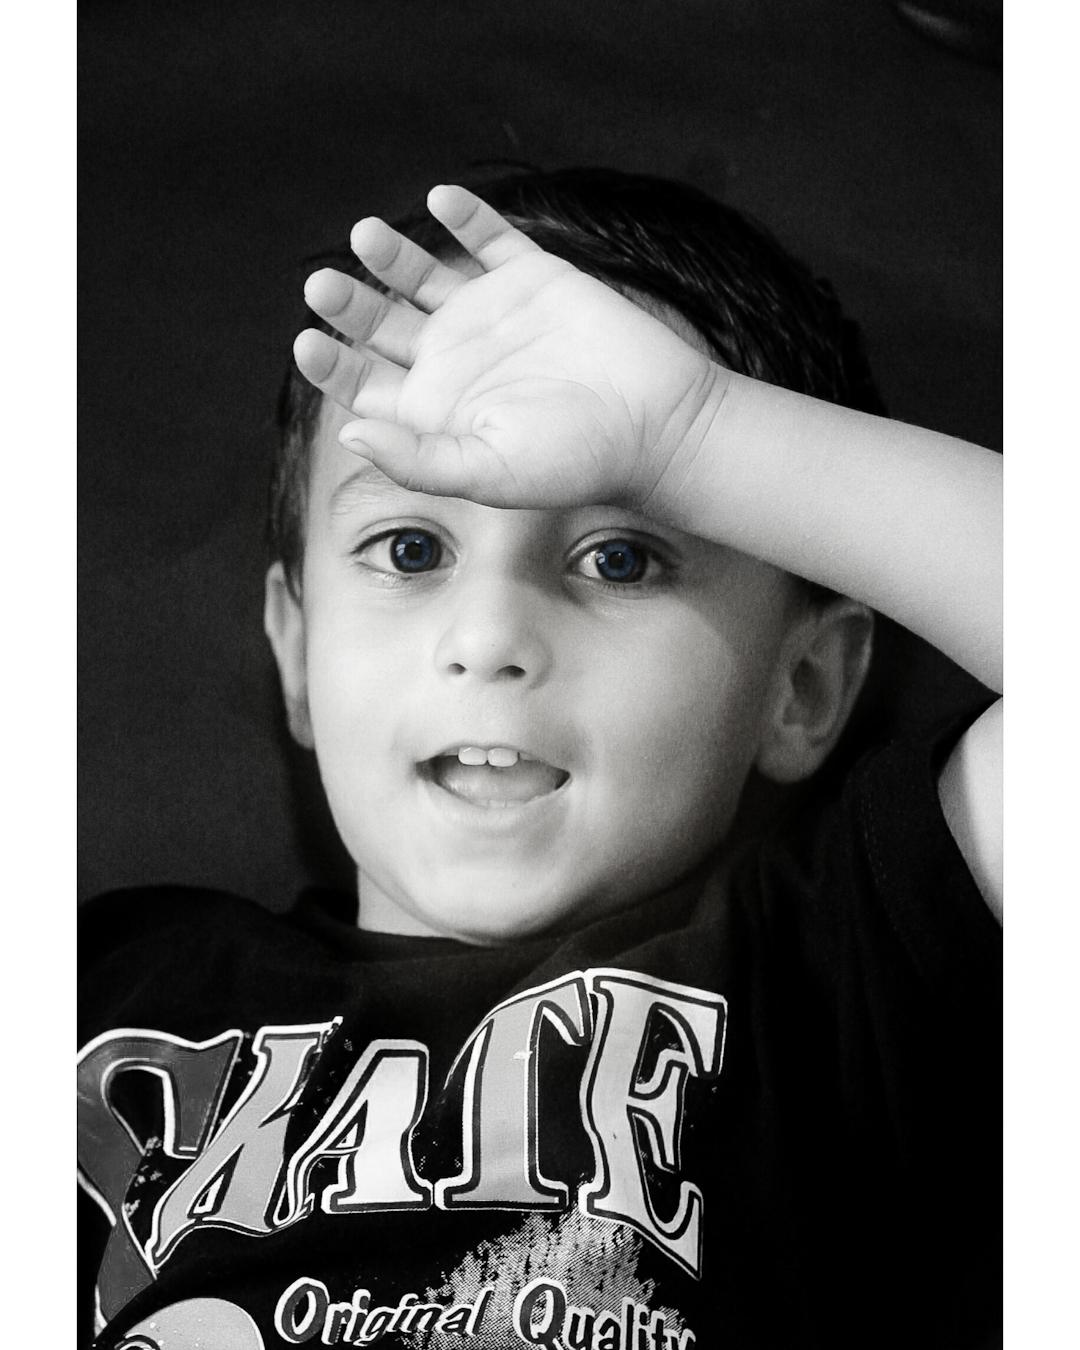 Child portrait in Black and White